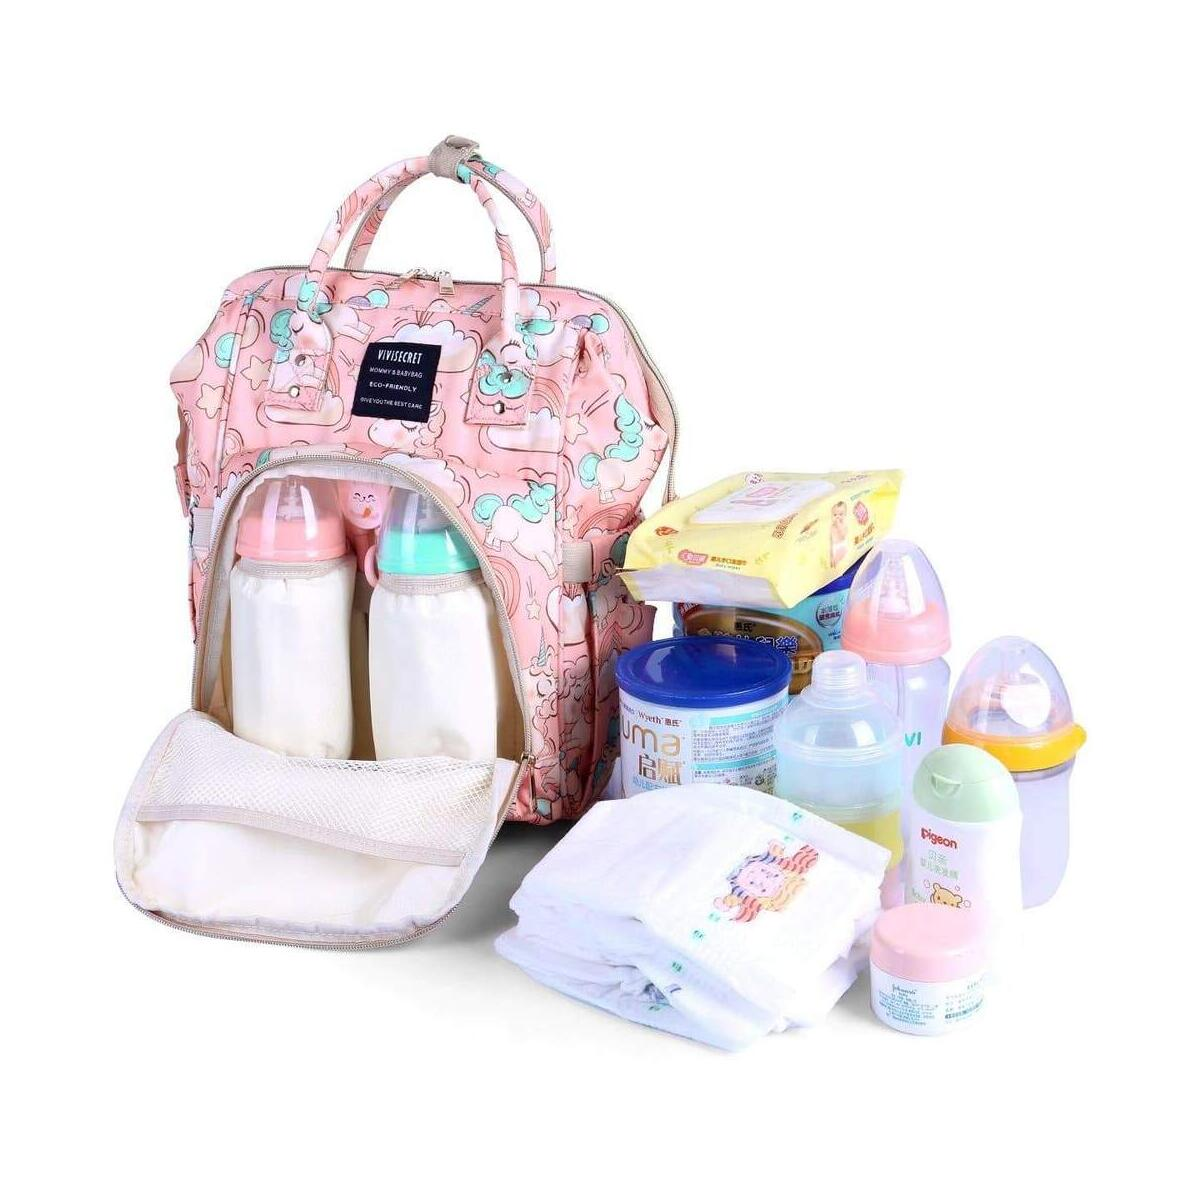 Diaper Bag Smart Organizer Waterproof Large Capacity Travel Diaper Backpack Handbag with Changing Pad